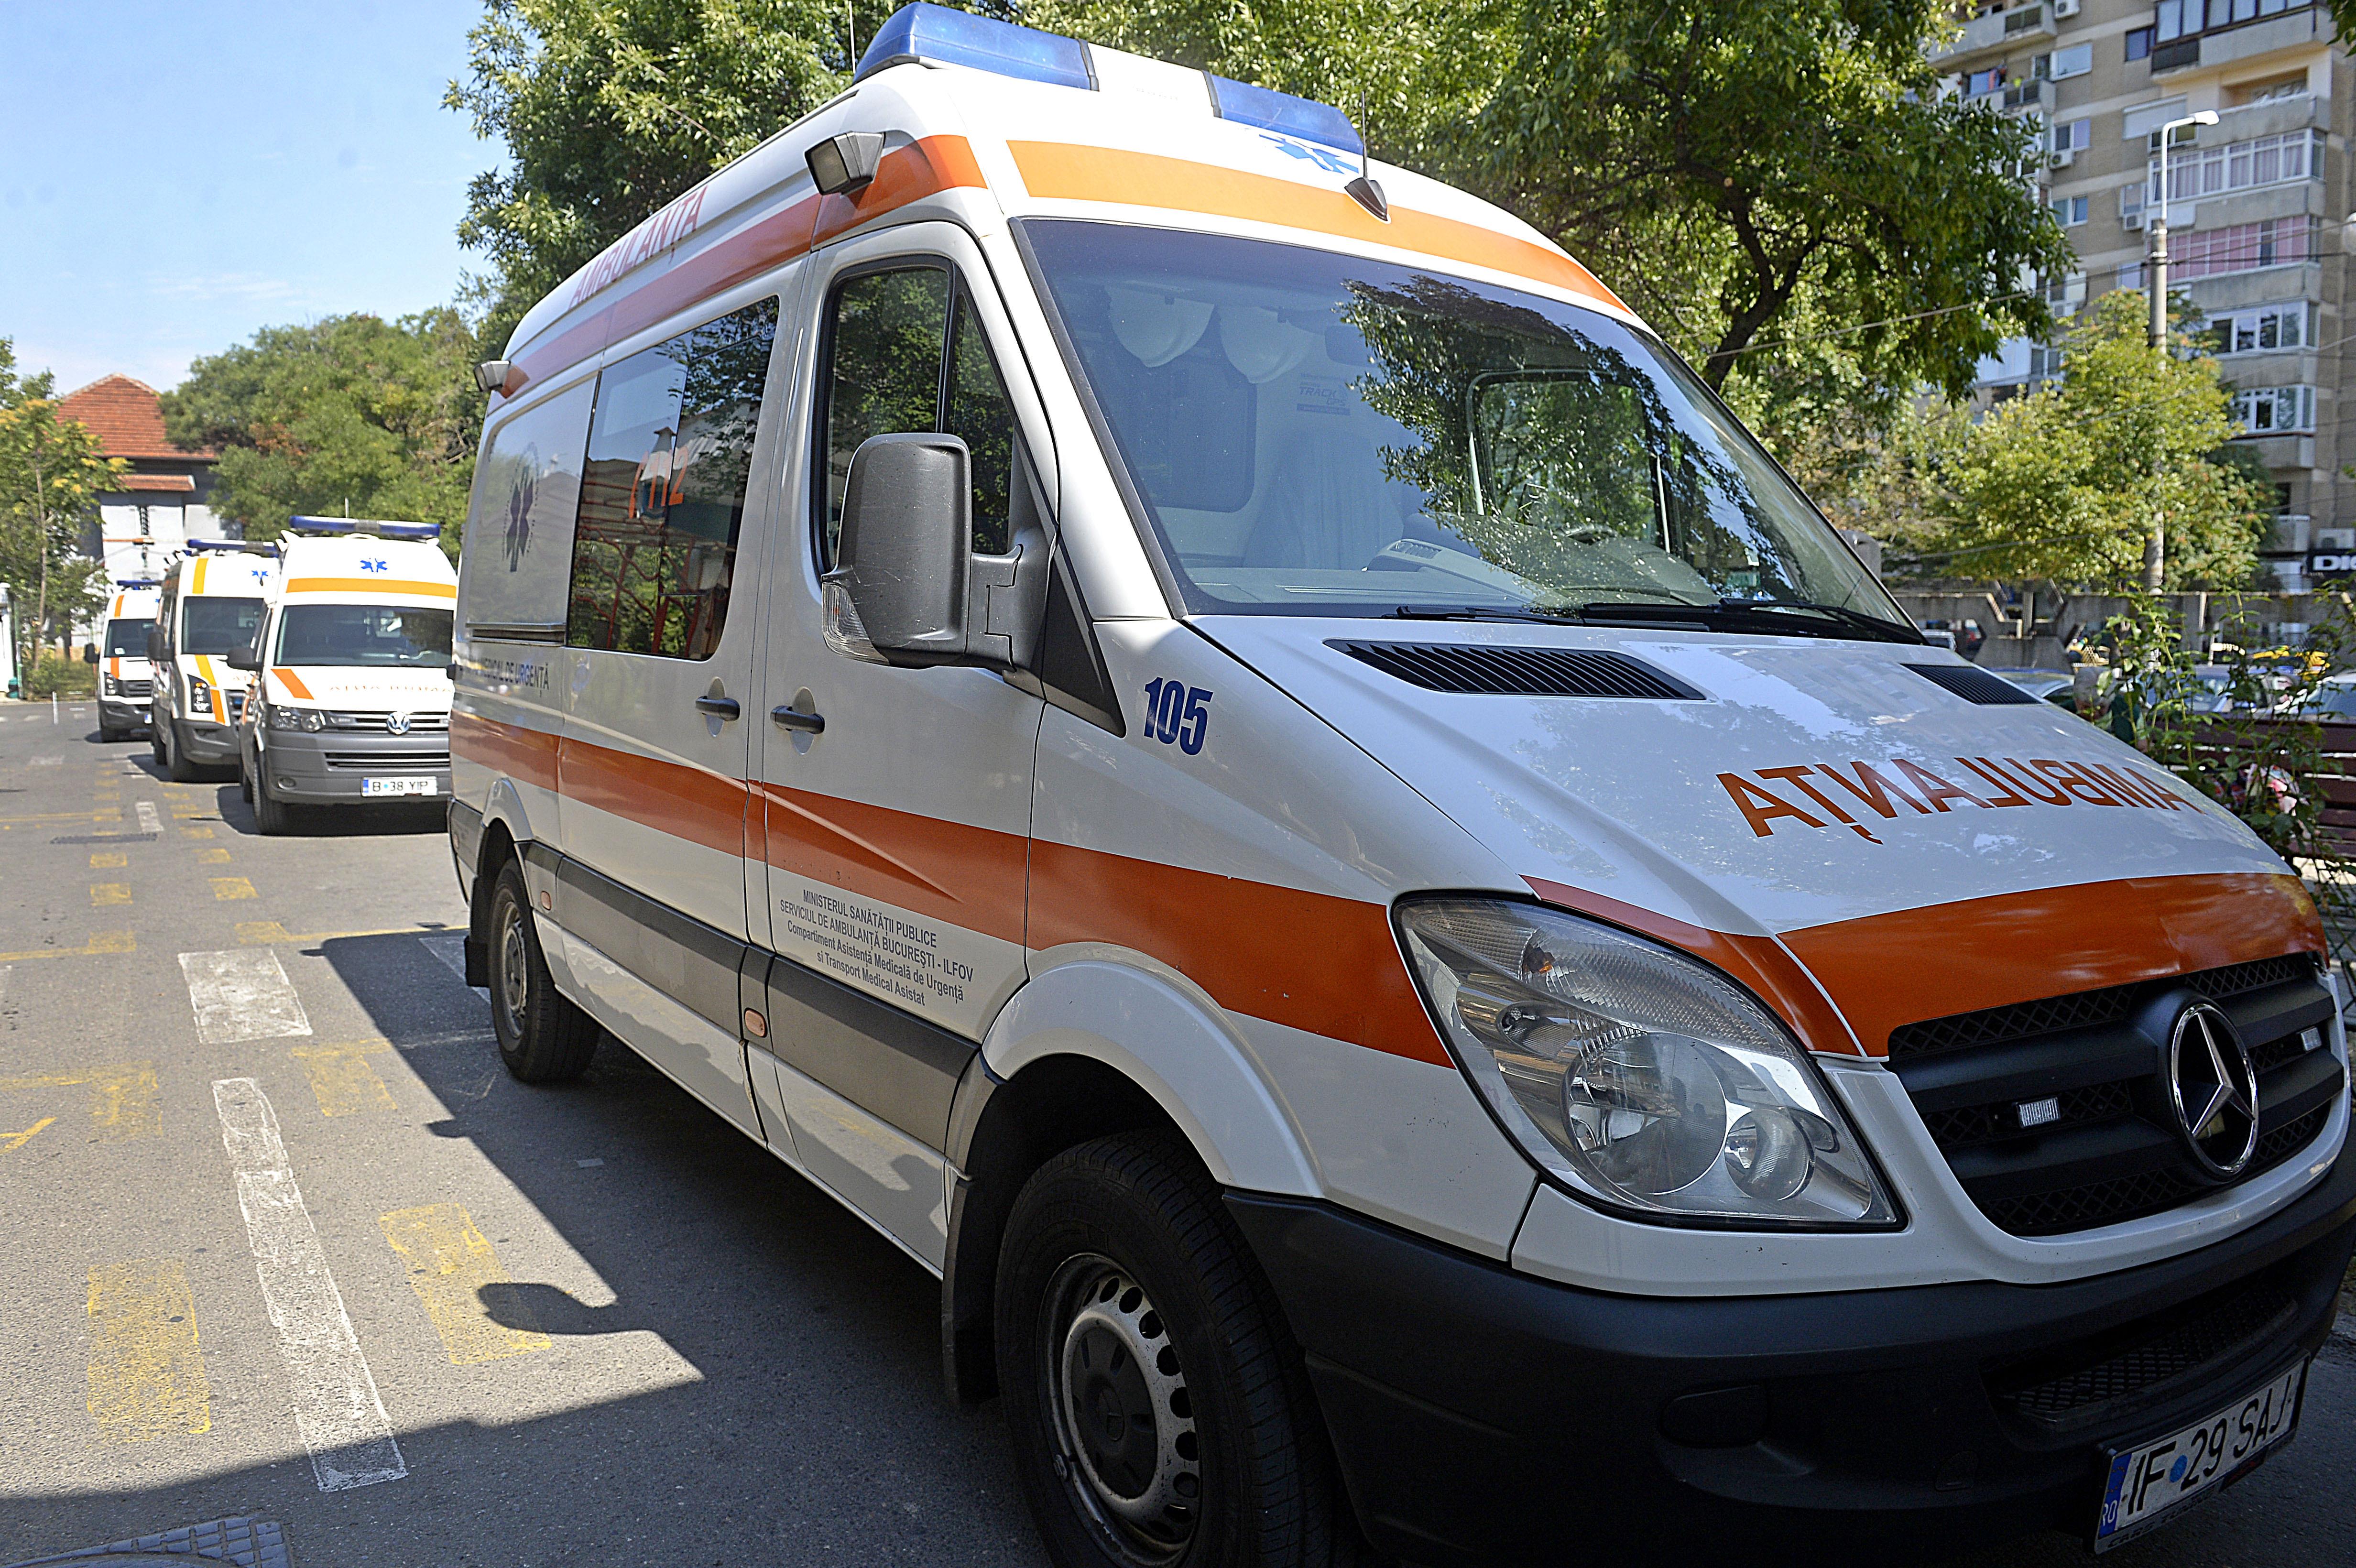 Un adolescent în vârstă de 16 ani a murit, iar doi adulţi au fost răniţi, după ce o maşină a lovit o ţeavă de gaz